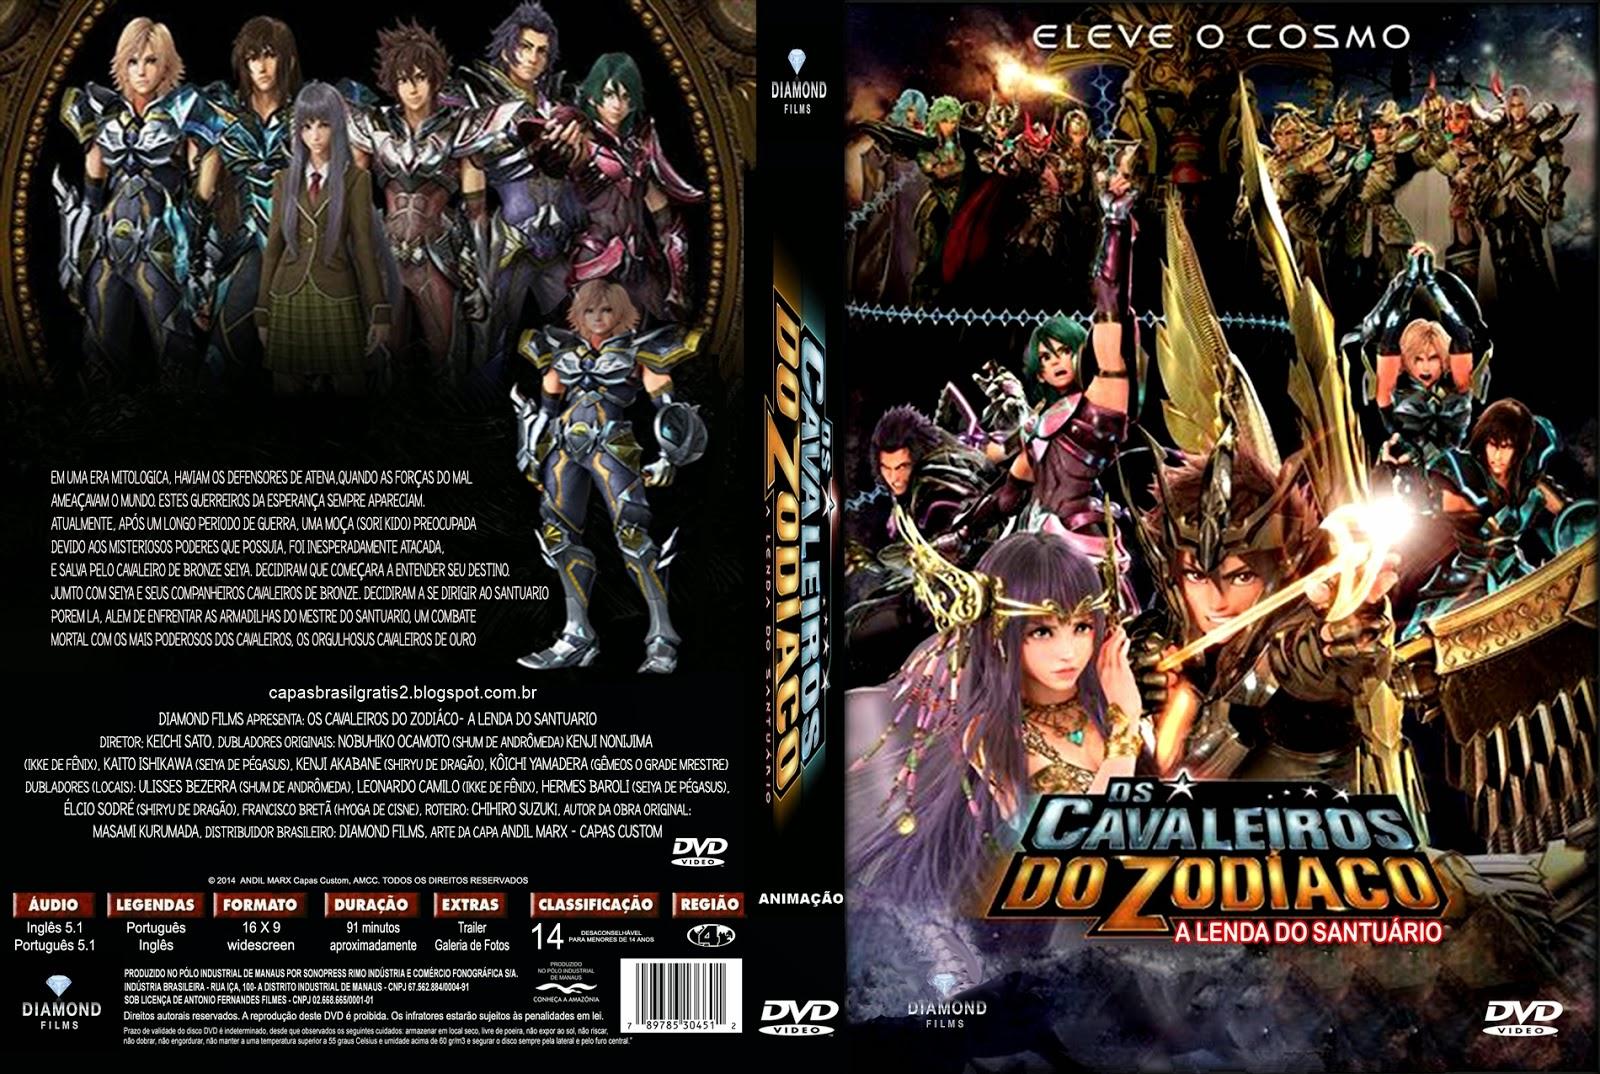 Os Cavaleiros do Zodíaco A Lenda do Santuário DVD-R AUTORADO Os 2BCavaleiros 2BDo 2BZodi C3 A1co 2B  2BA 2BLenda 2BDo 2BSantuario